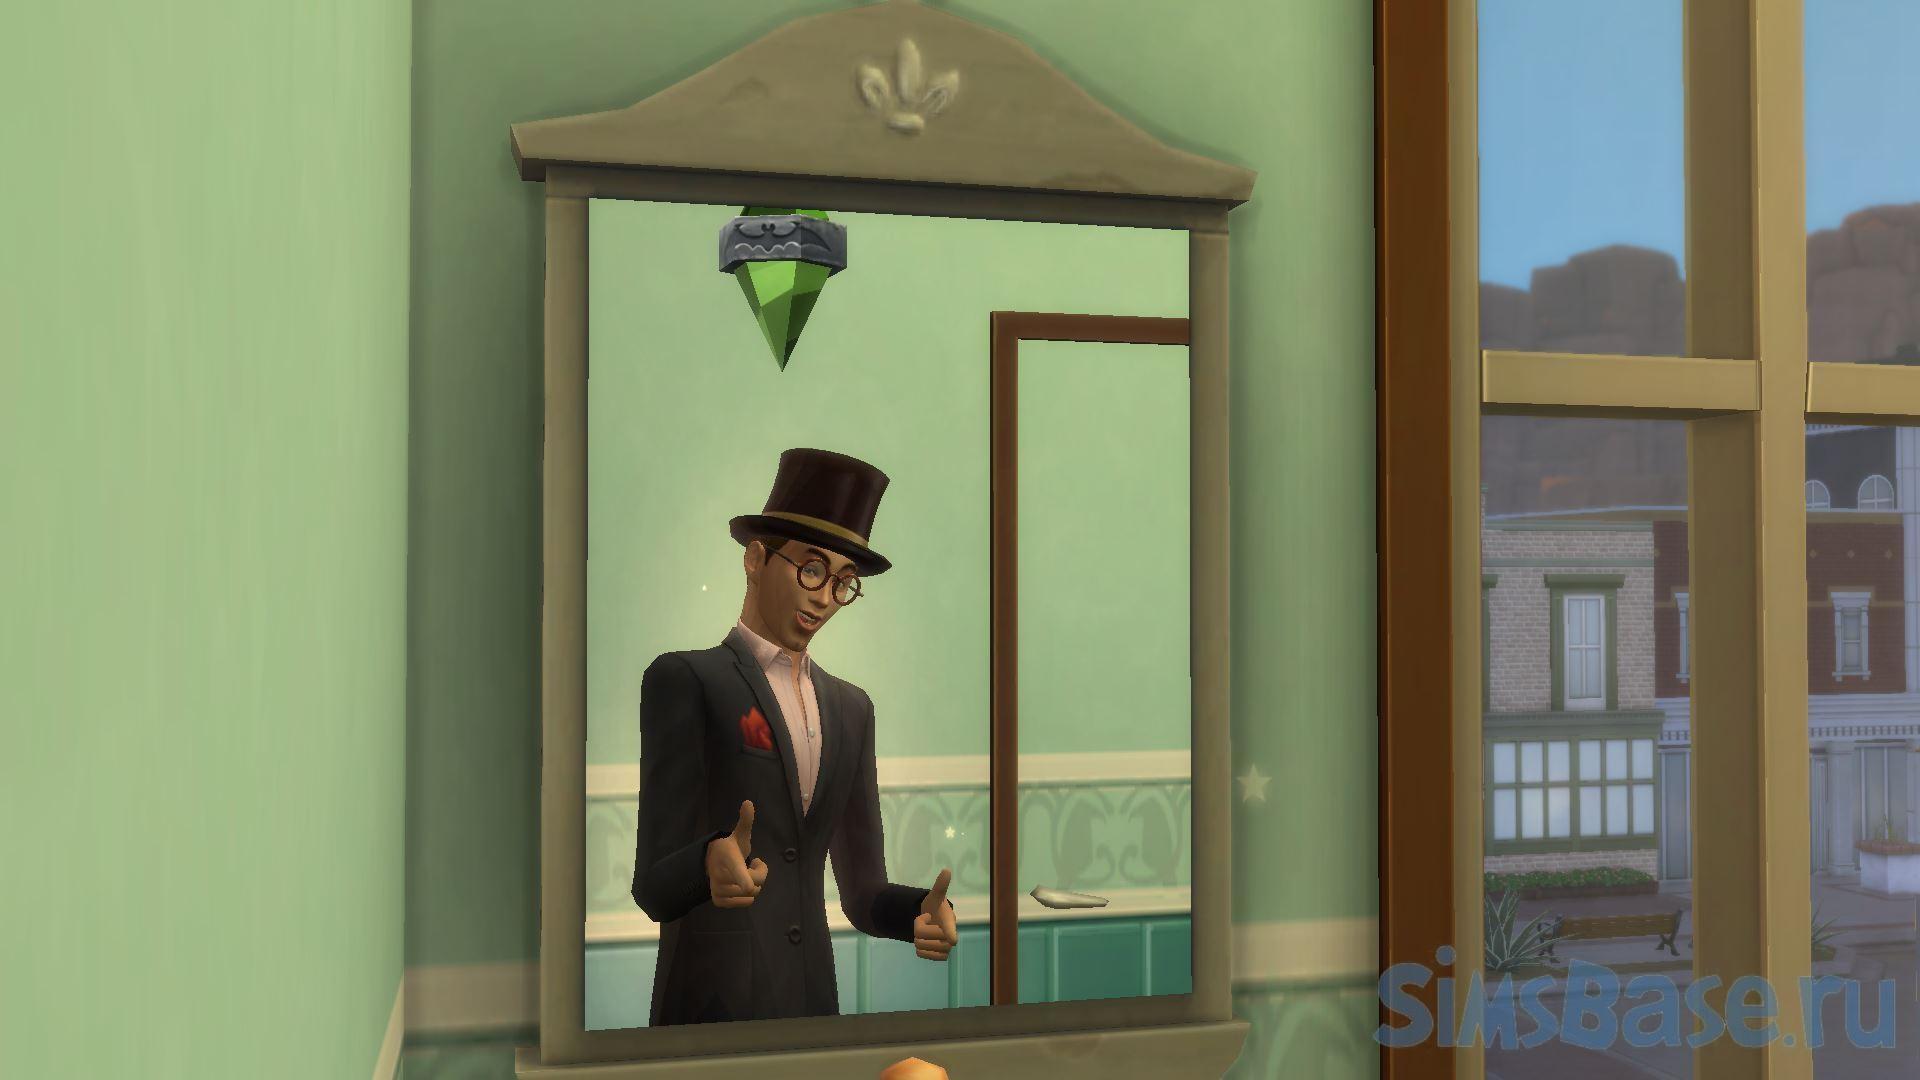 Мод «Управление отражением вампиров в зеркале» от TwelfthDoctor1 для Sims 4